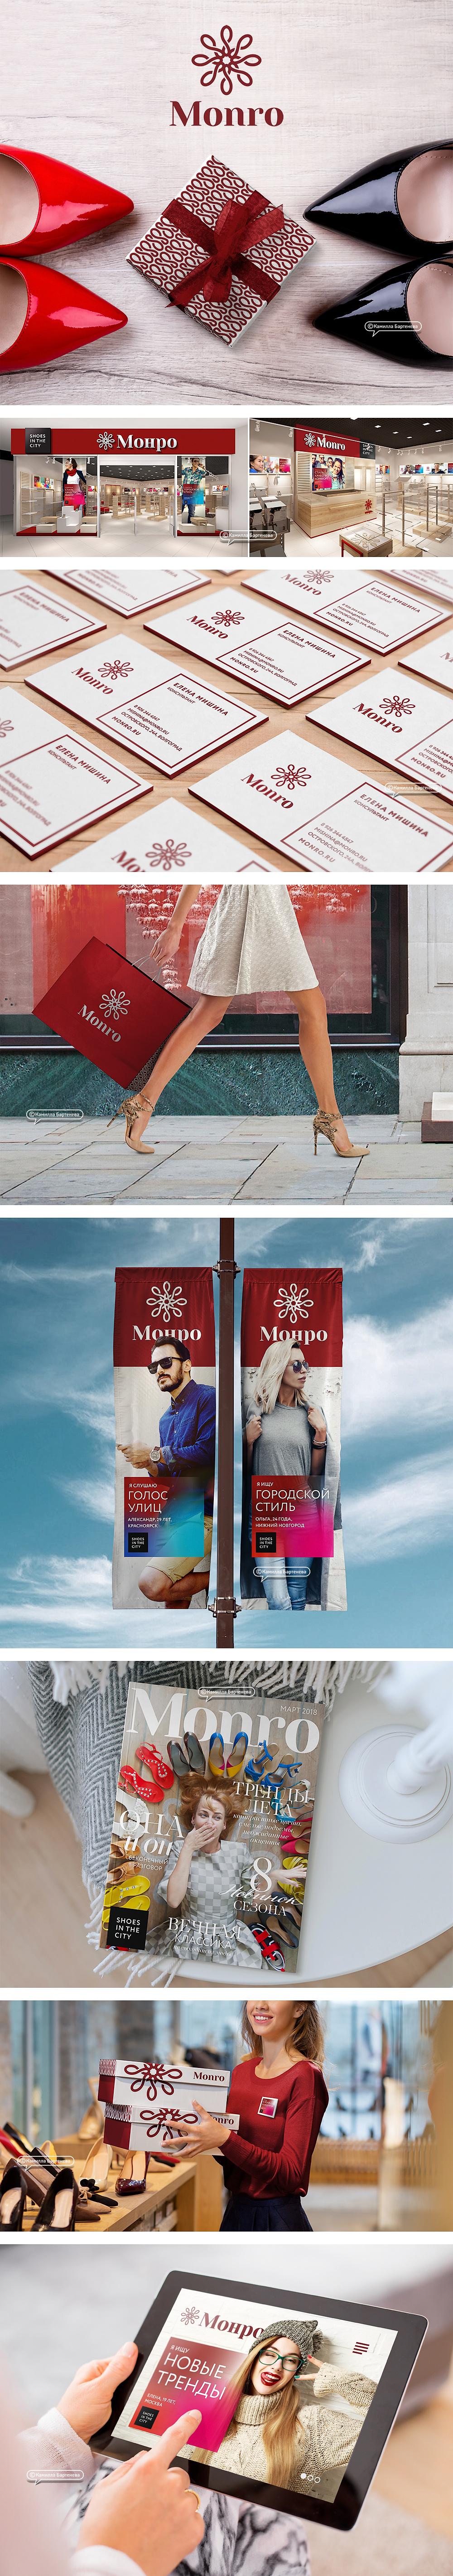 Монро. Сеть обувных супермаркетов